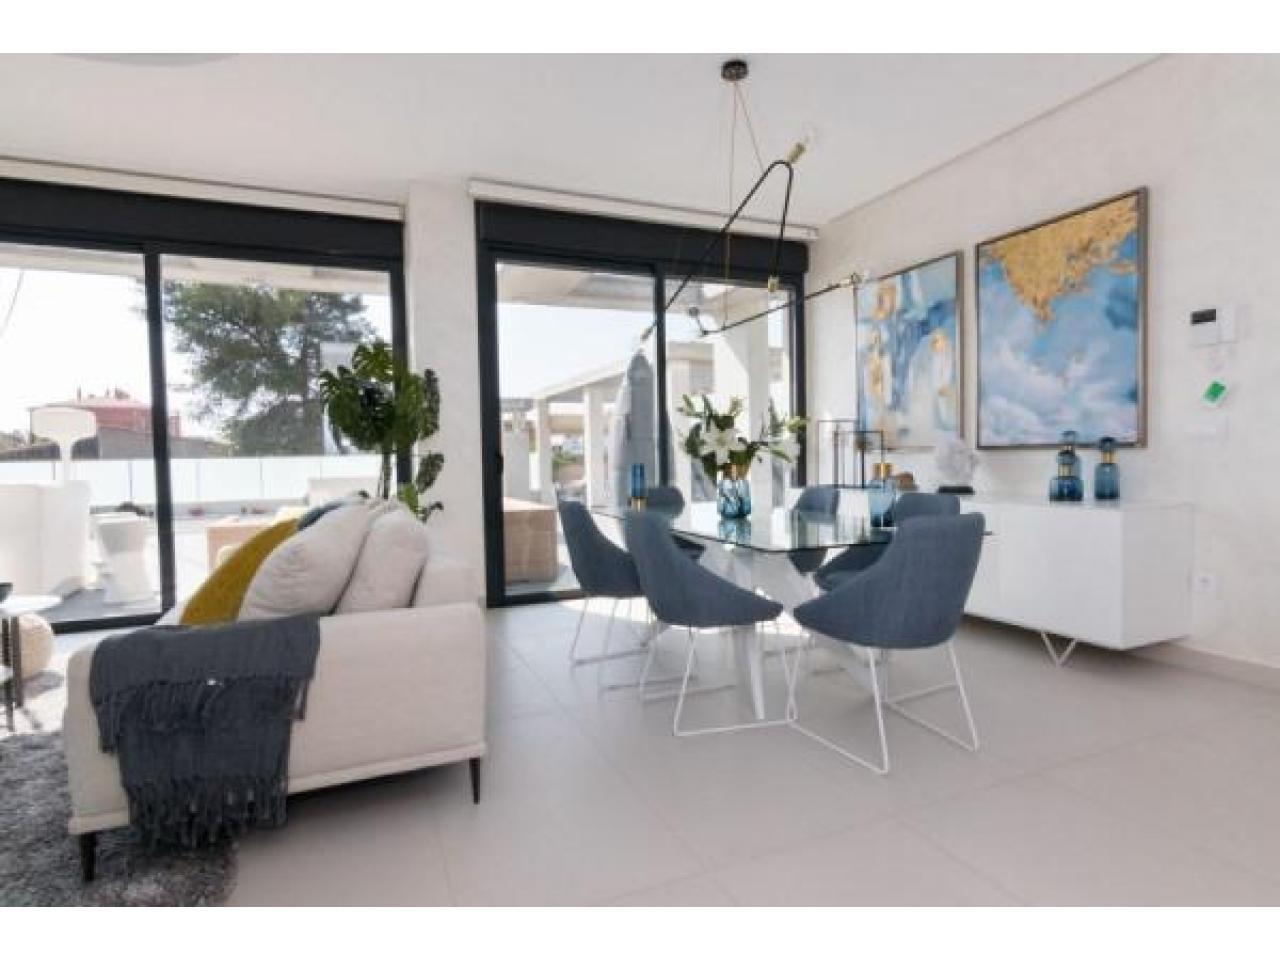 Недвижимость в Испании, Новая вилла рядом с морем от застройщика в Кампельо - 2